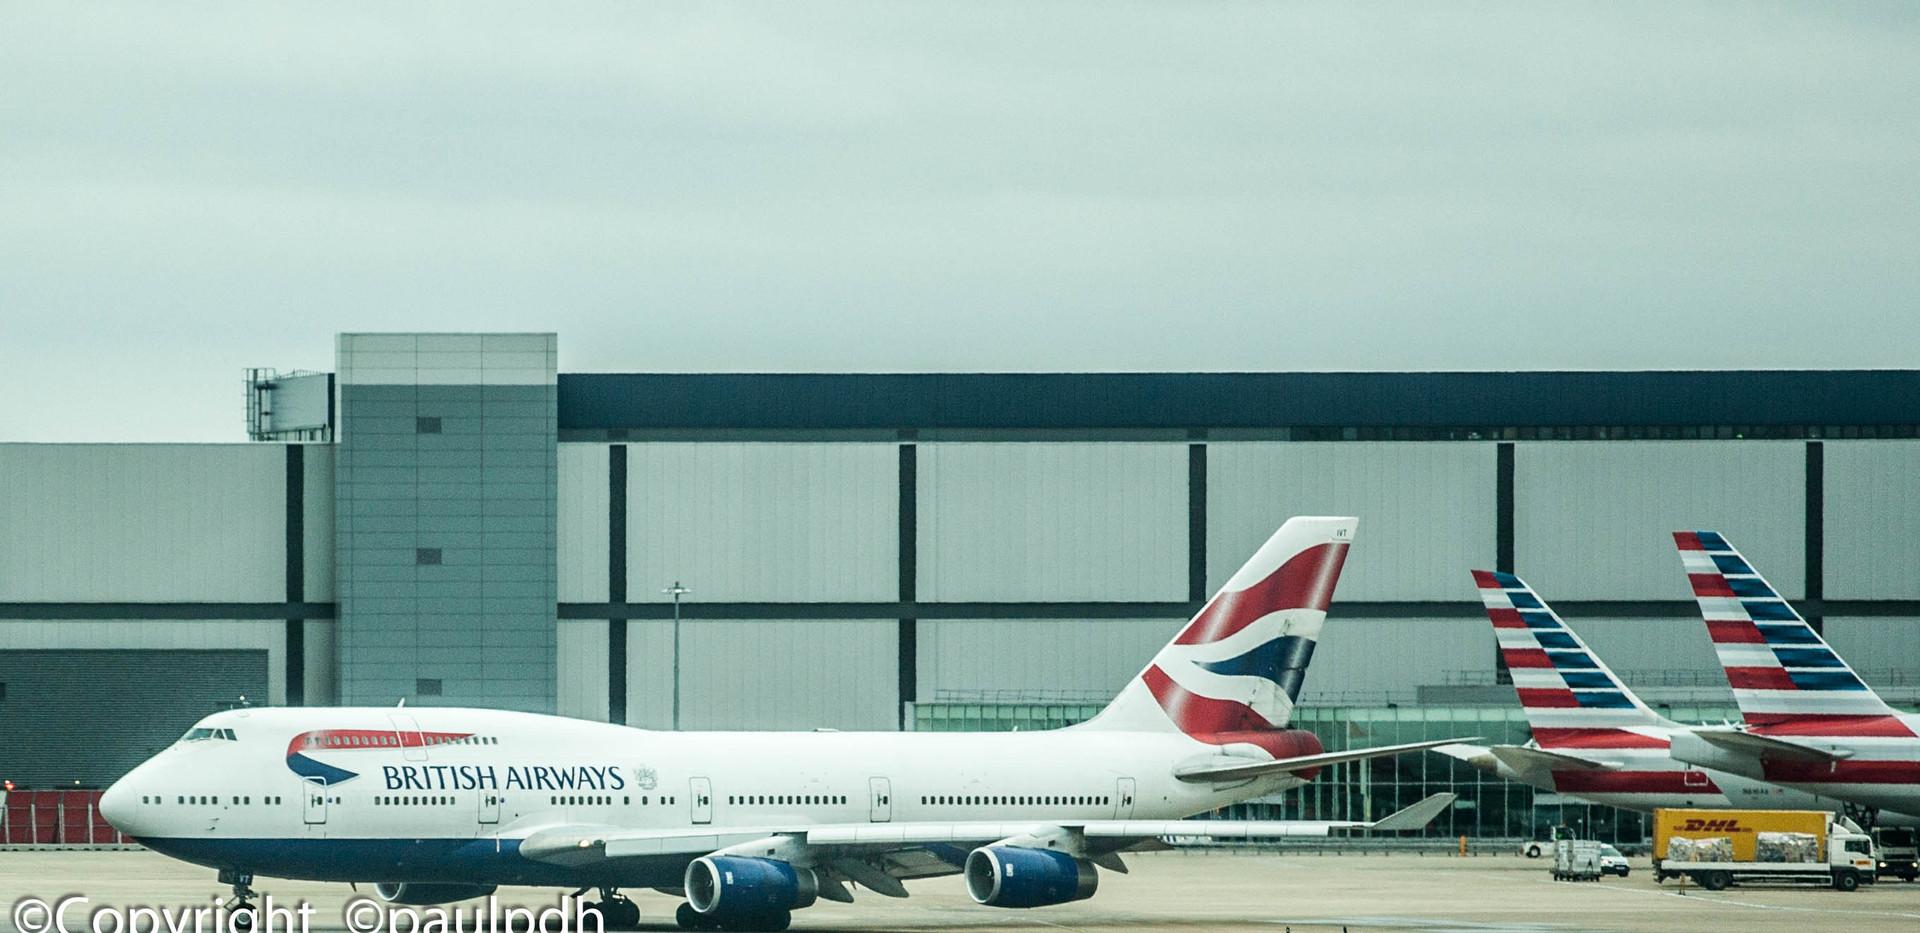 boeing-747---msn-25821---g-civt_26058853